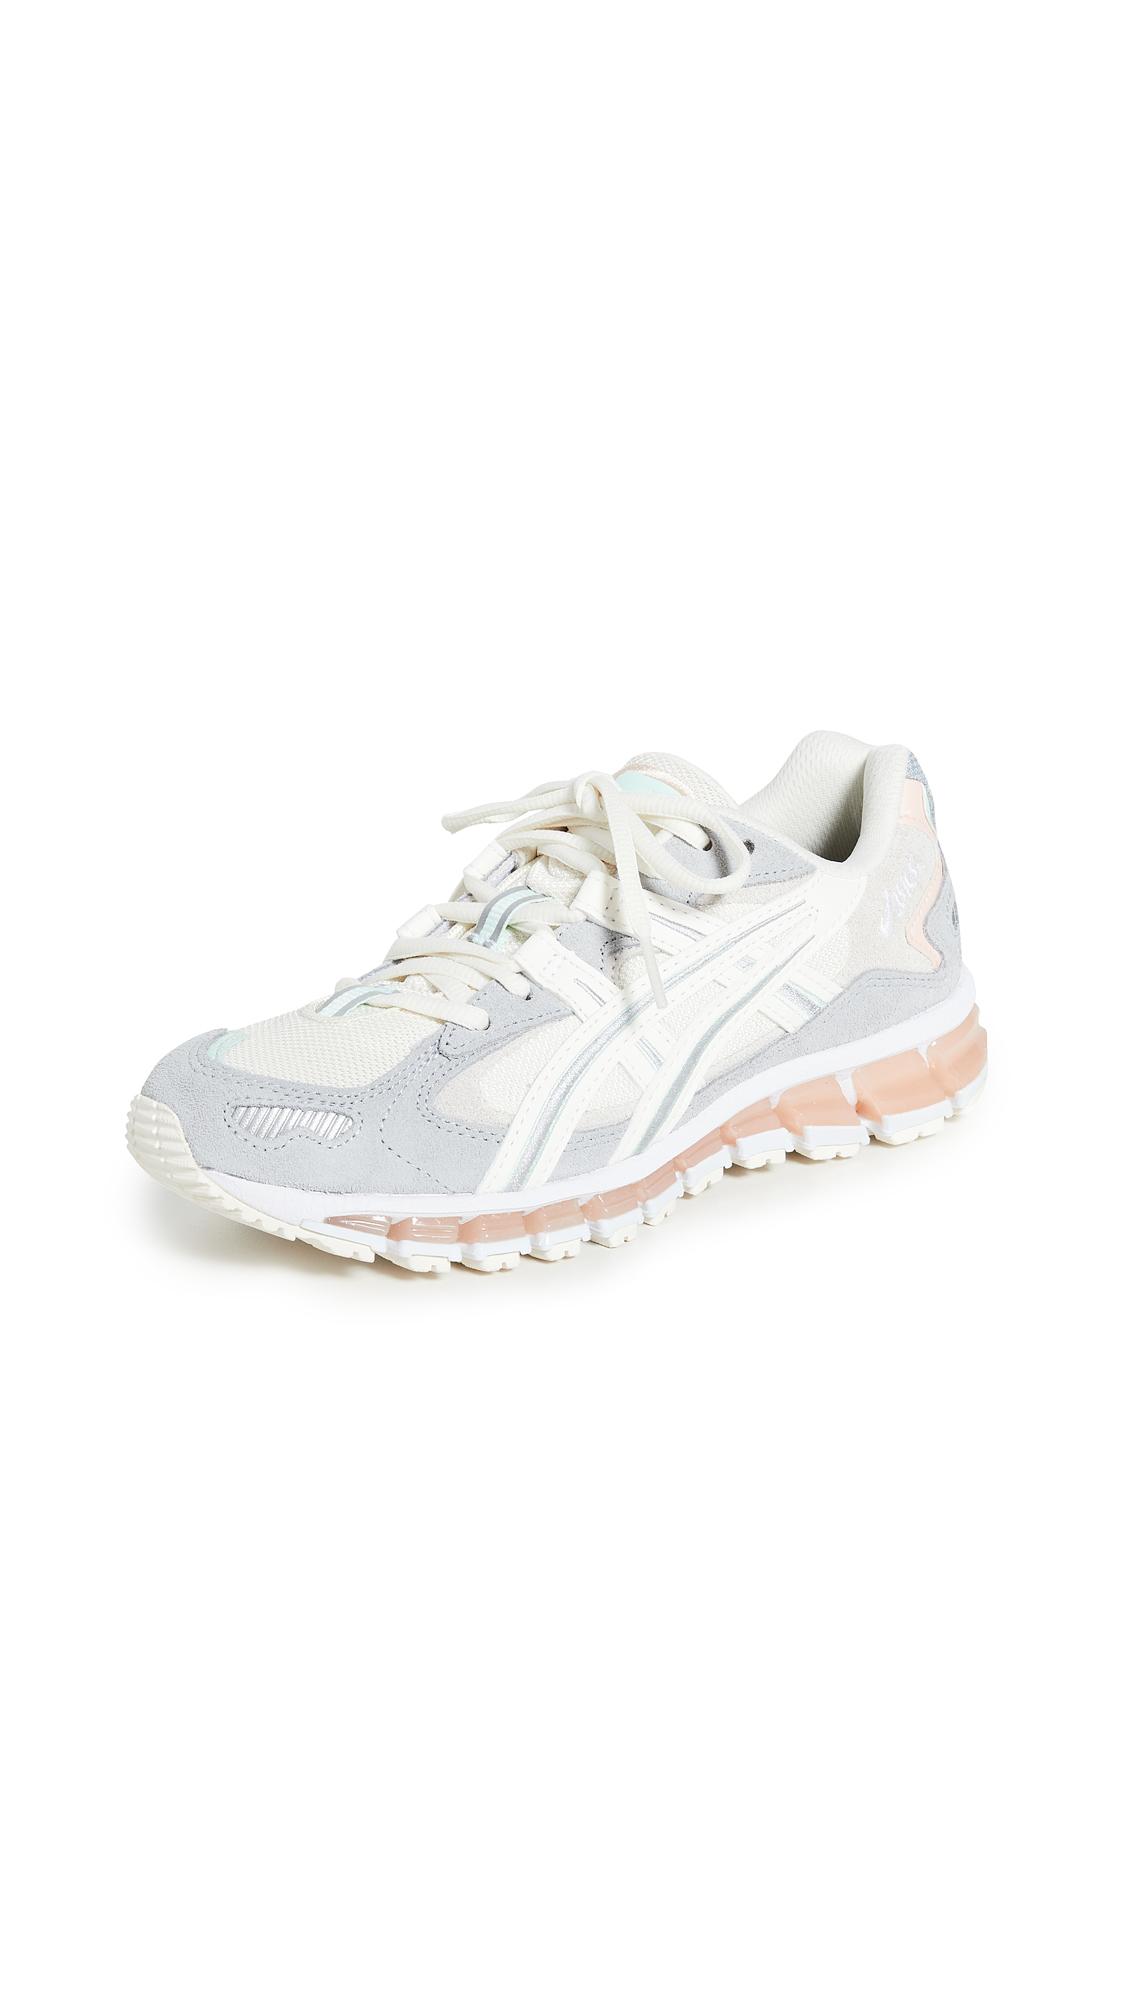 Asics Gel-Kayano 5 360 Sneakers - 30% Off Sale